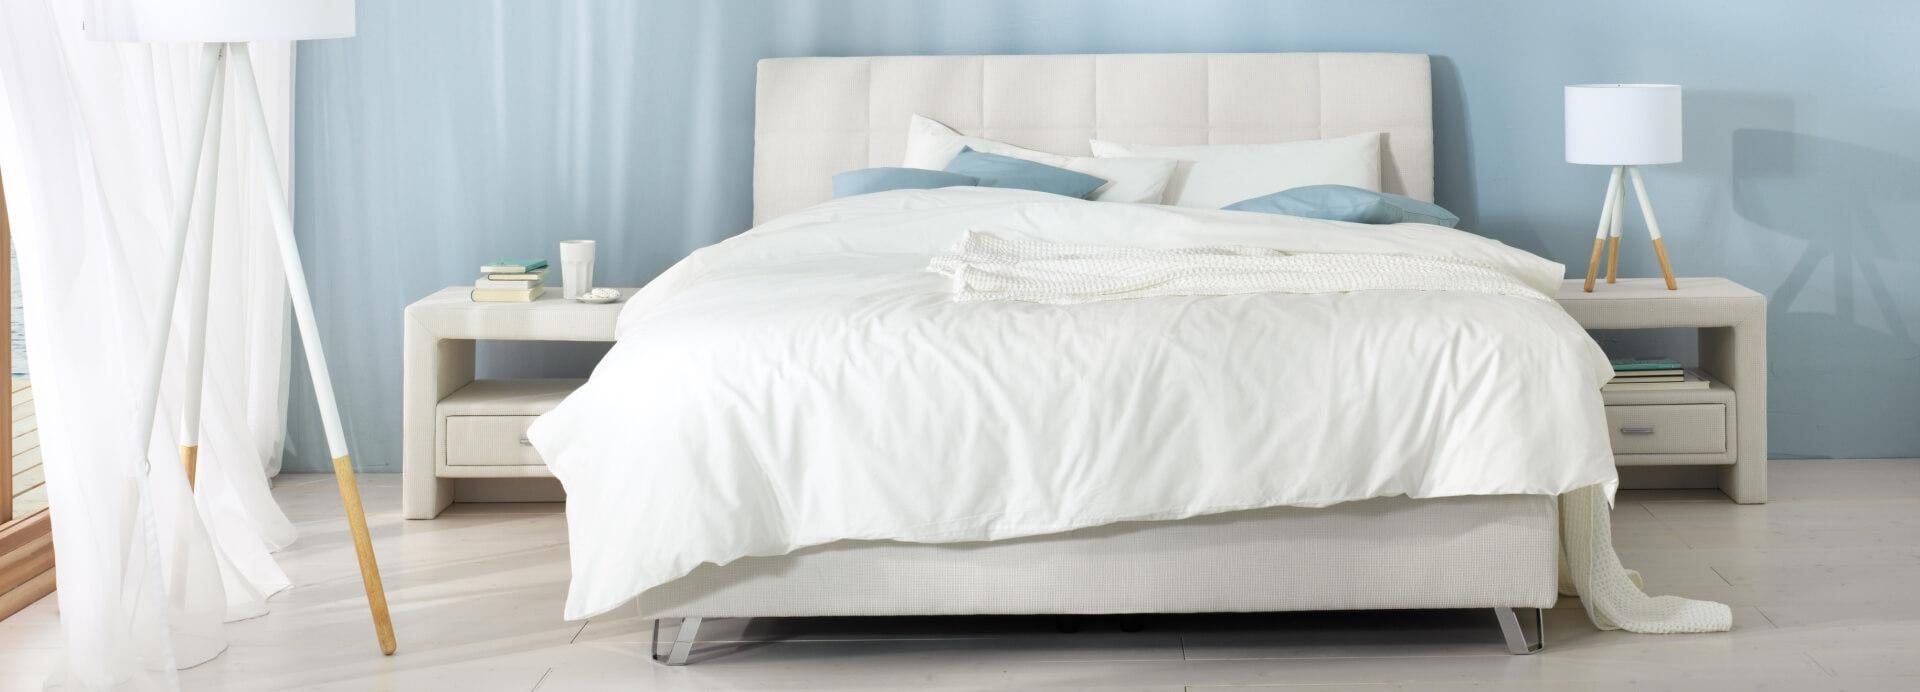 Il sistema letto Wenatex | La più pura qualità del sonno